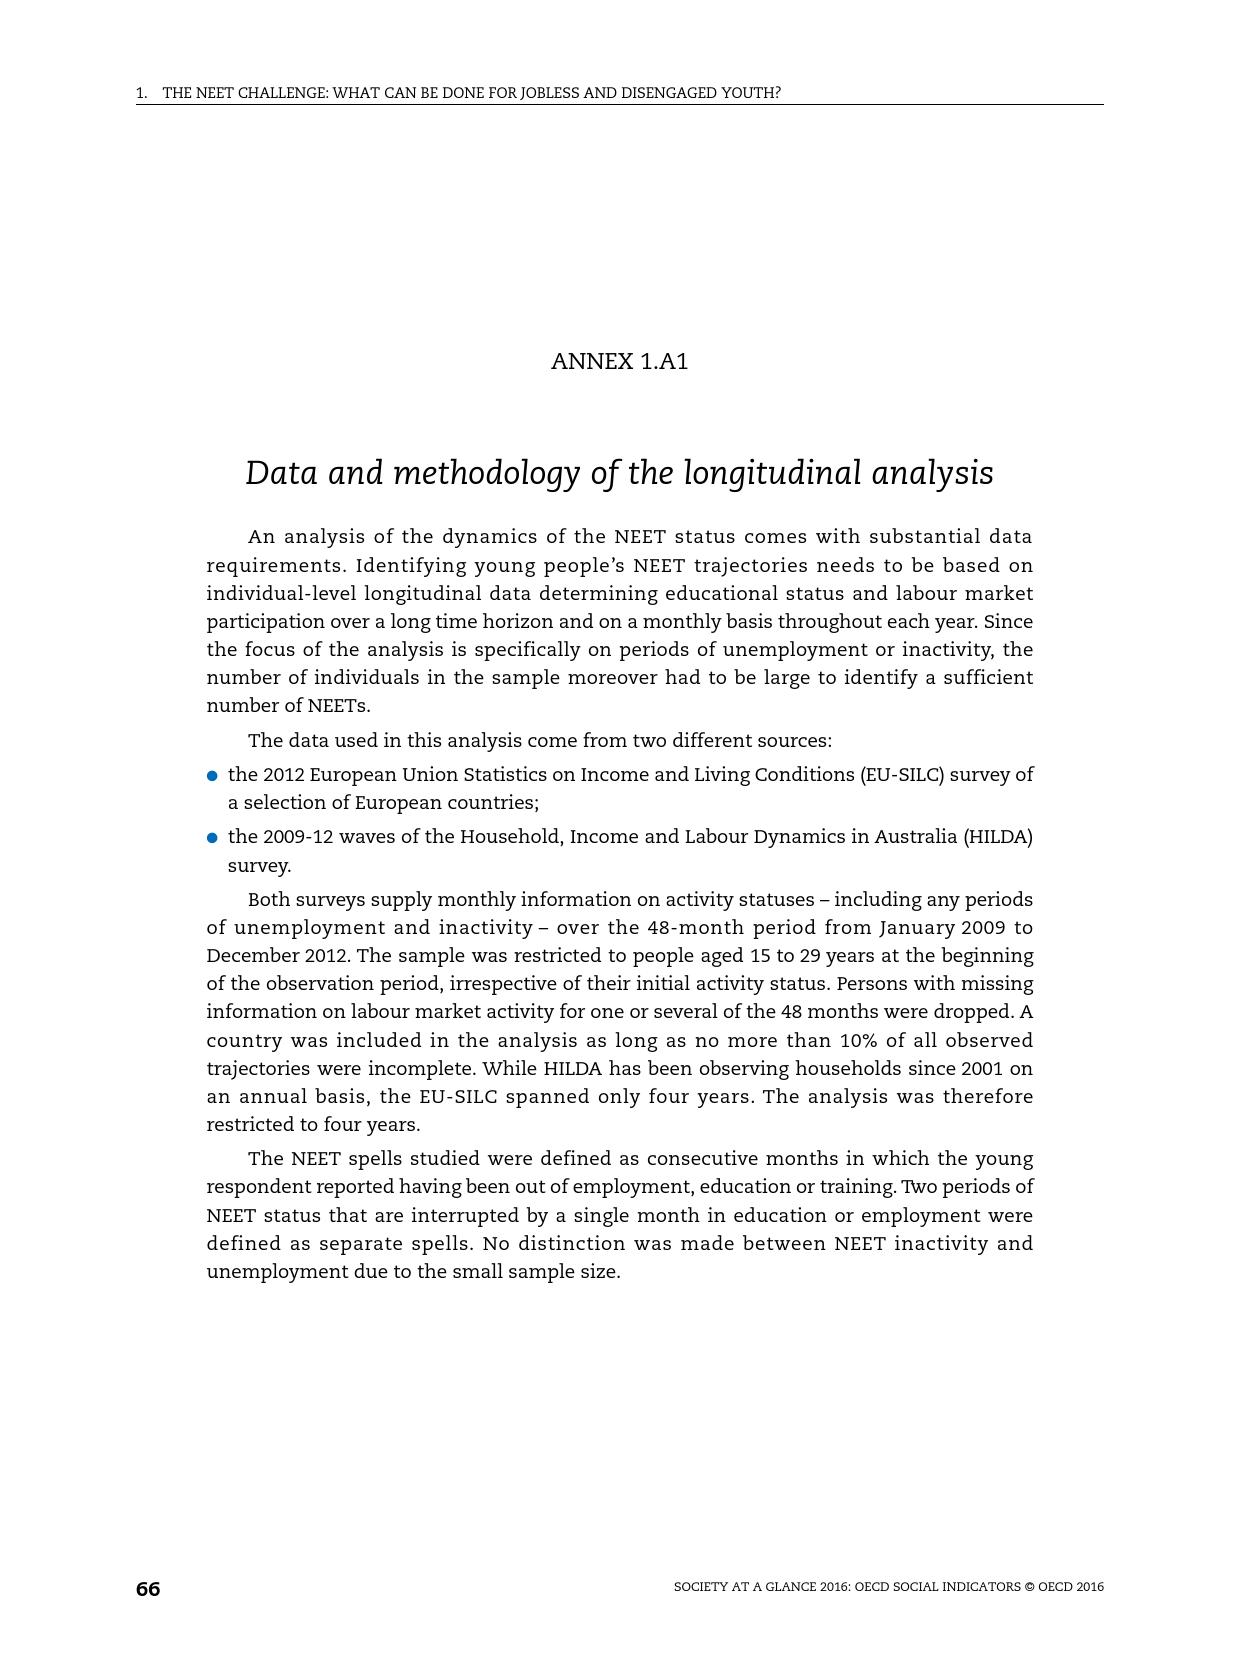 2016年OECD国家社会概览报告_000068